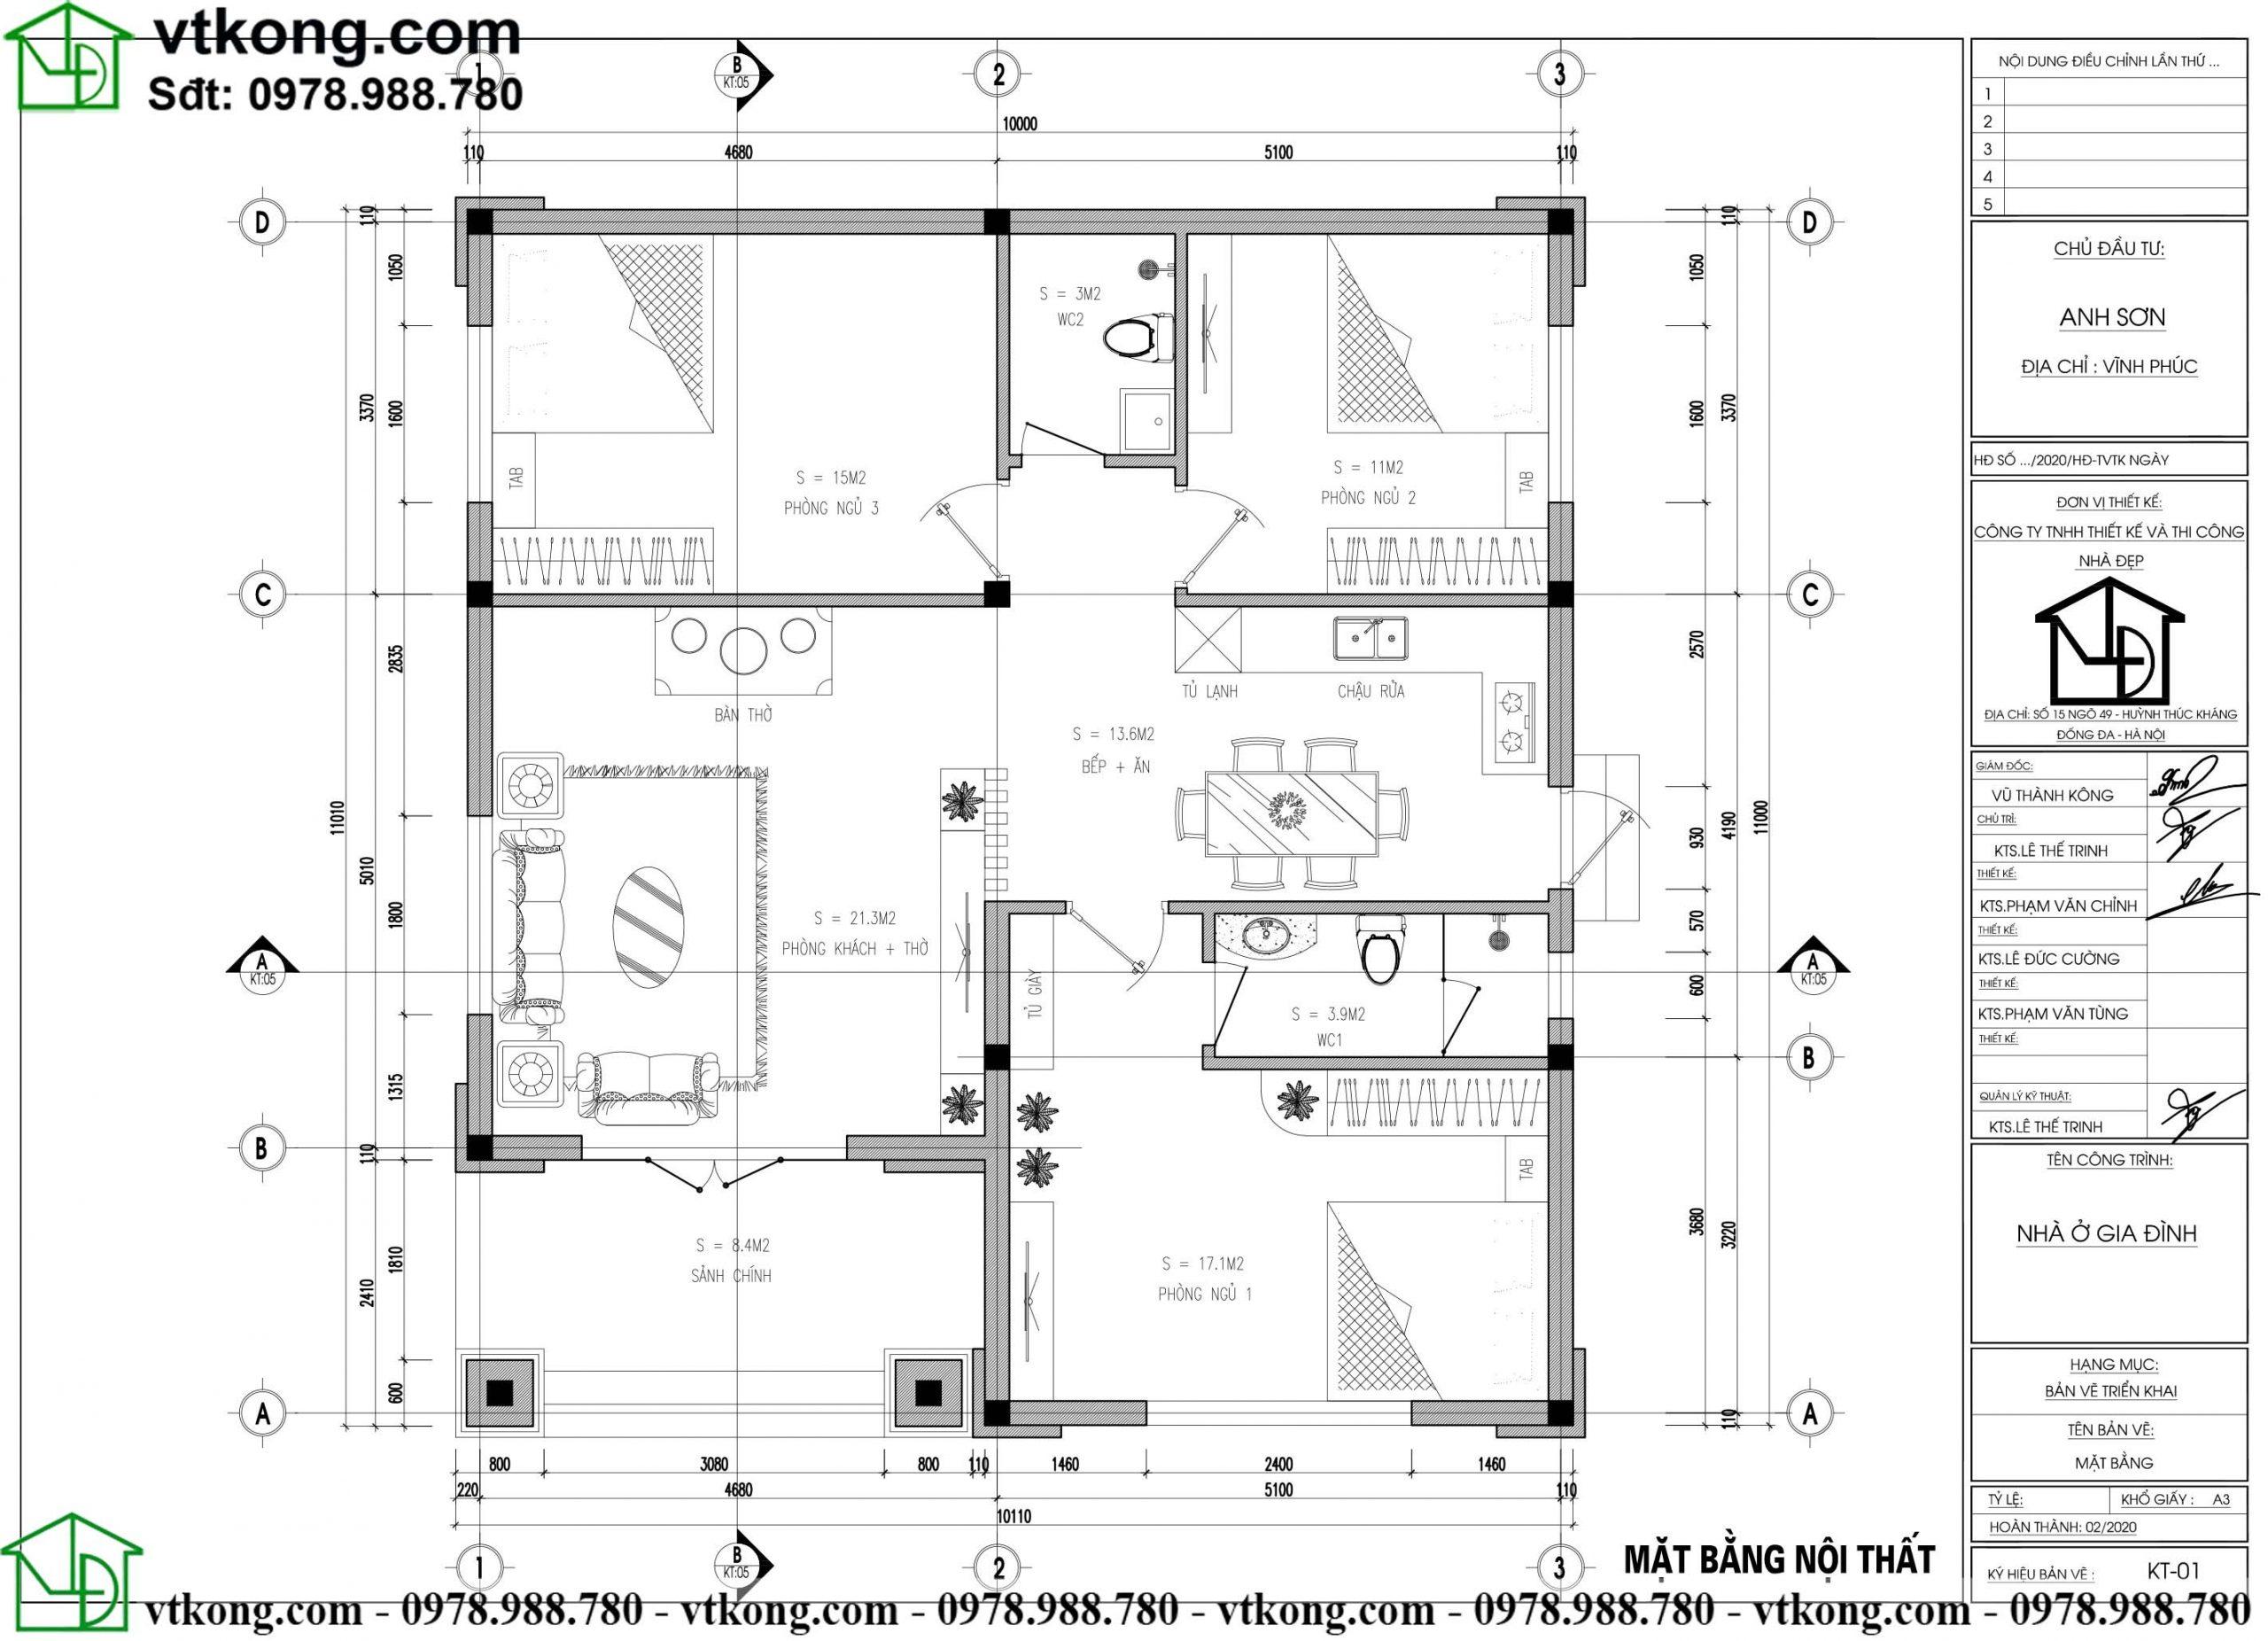 Nhà Cấp 4 3 Phòng Ngủ 10x11m Tại Thái Bình Nc498